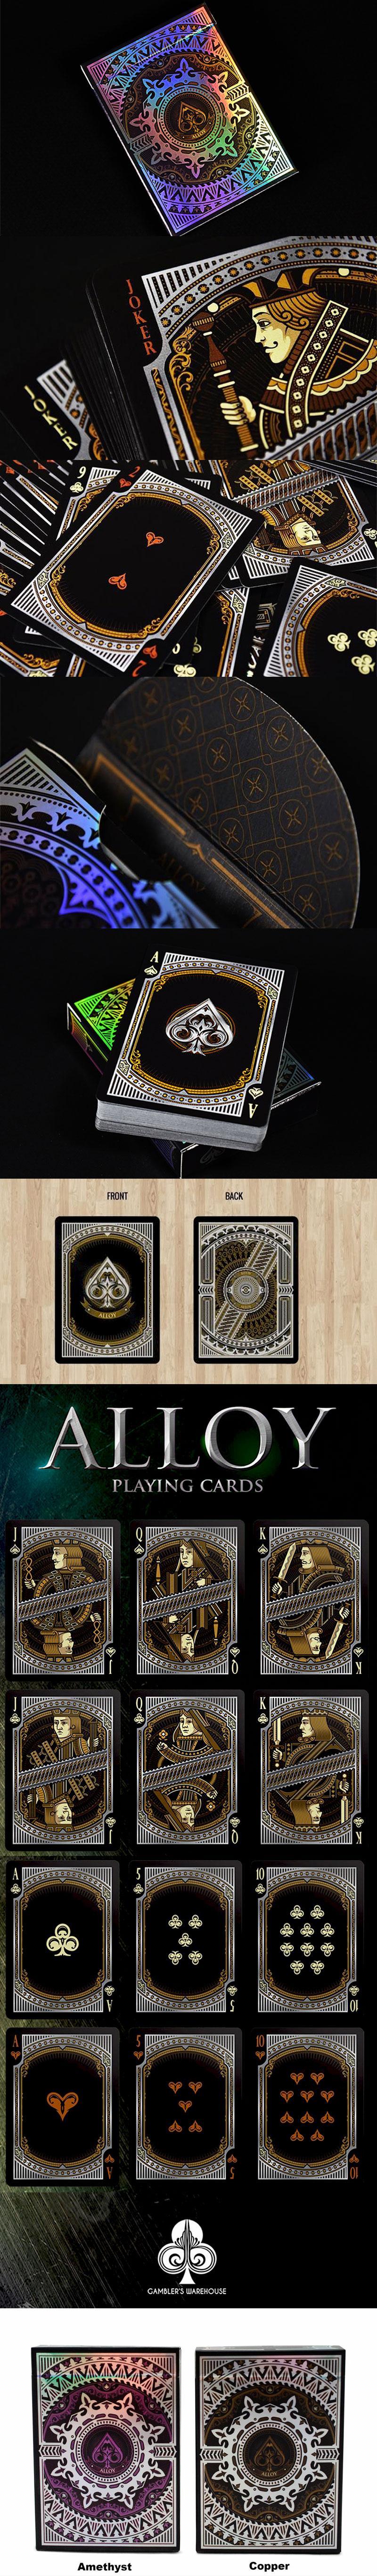 new playing card-엘로이카퍼덱 - 제이엘, 27,000원, 카드마술, 카드마술